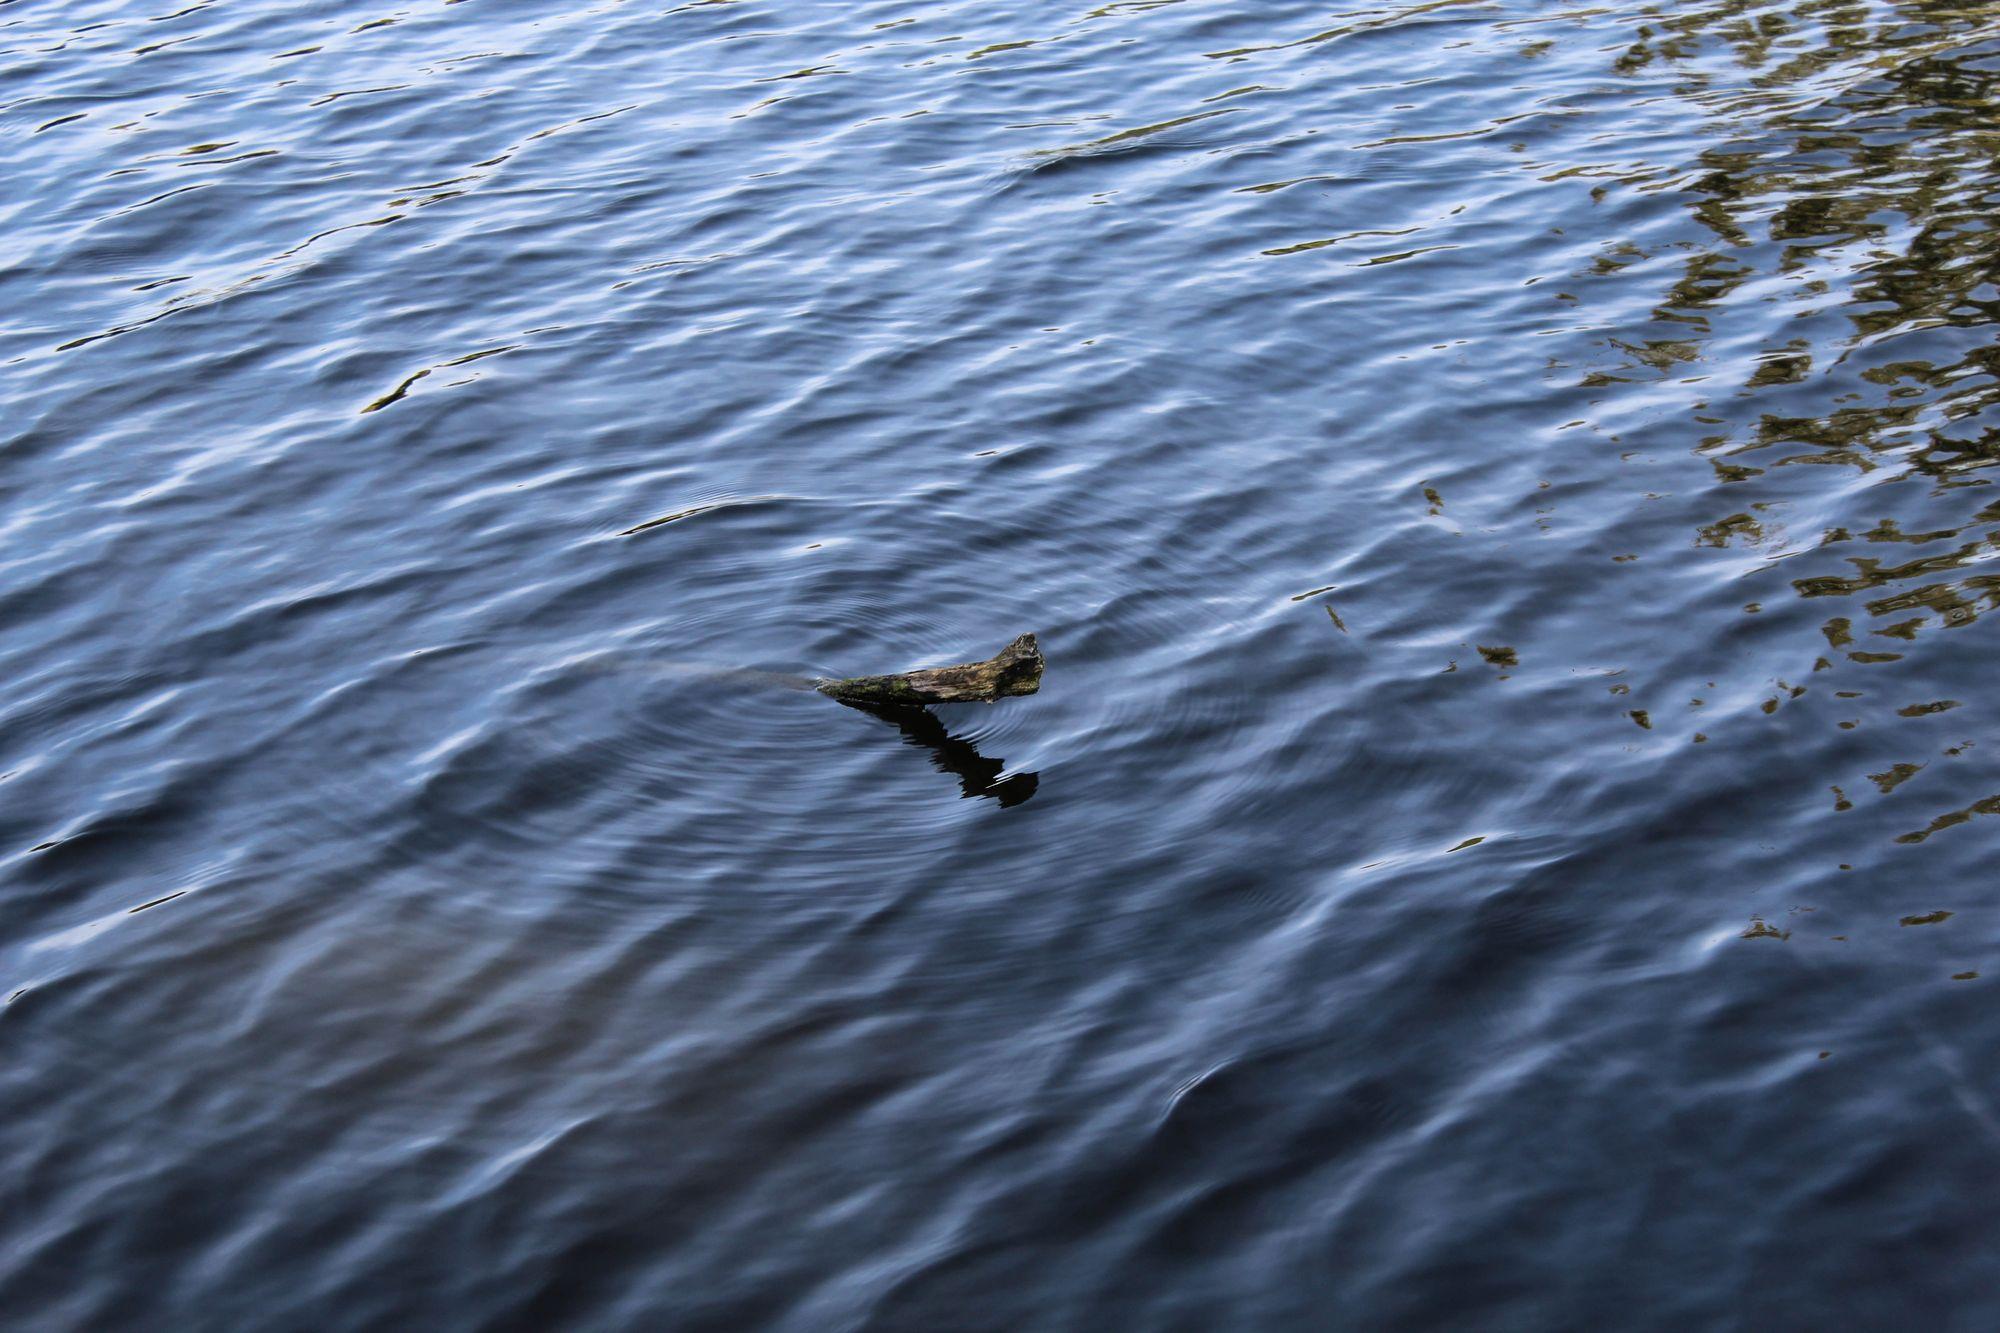 Ein Ast im Wasser